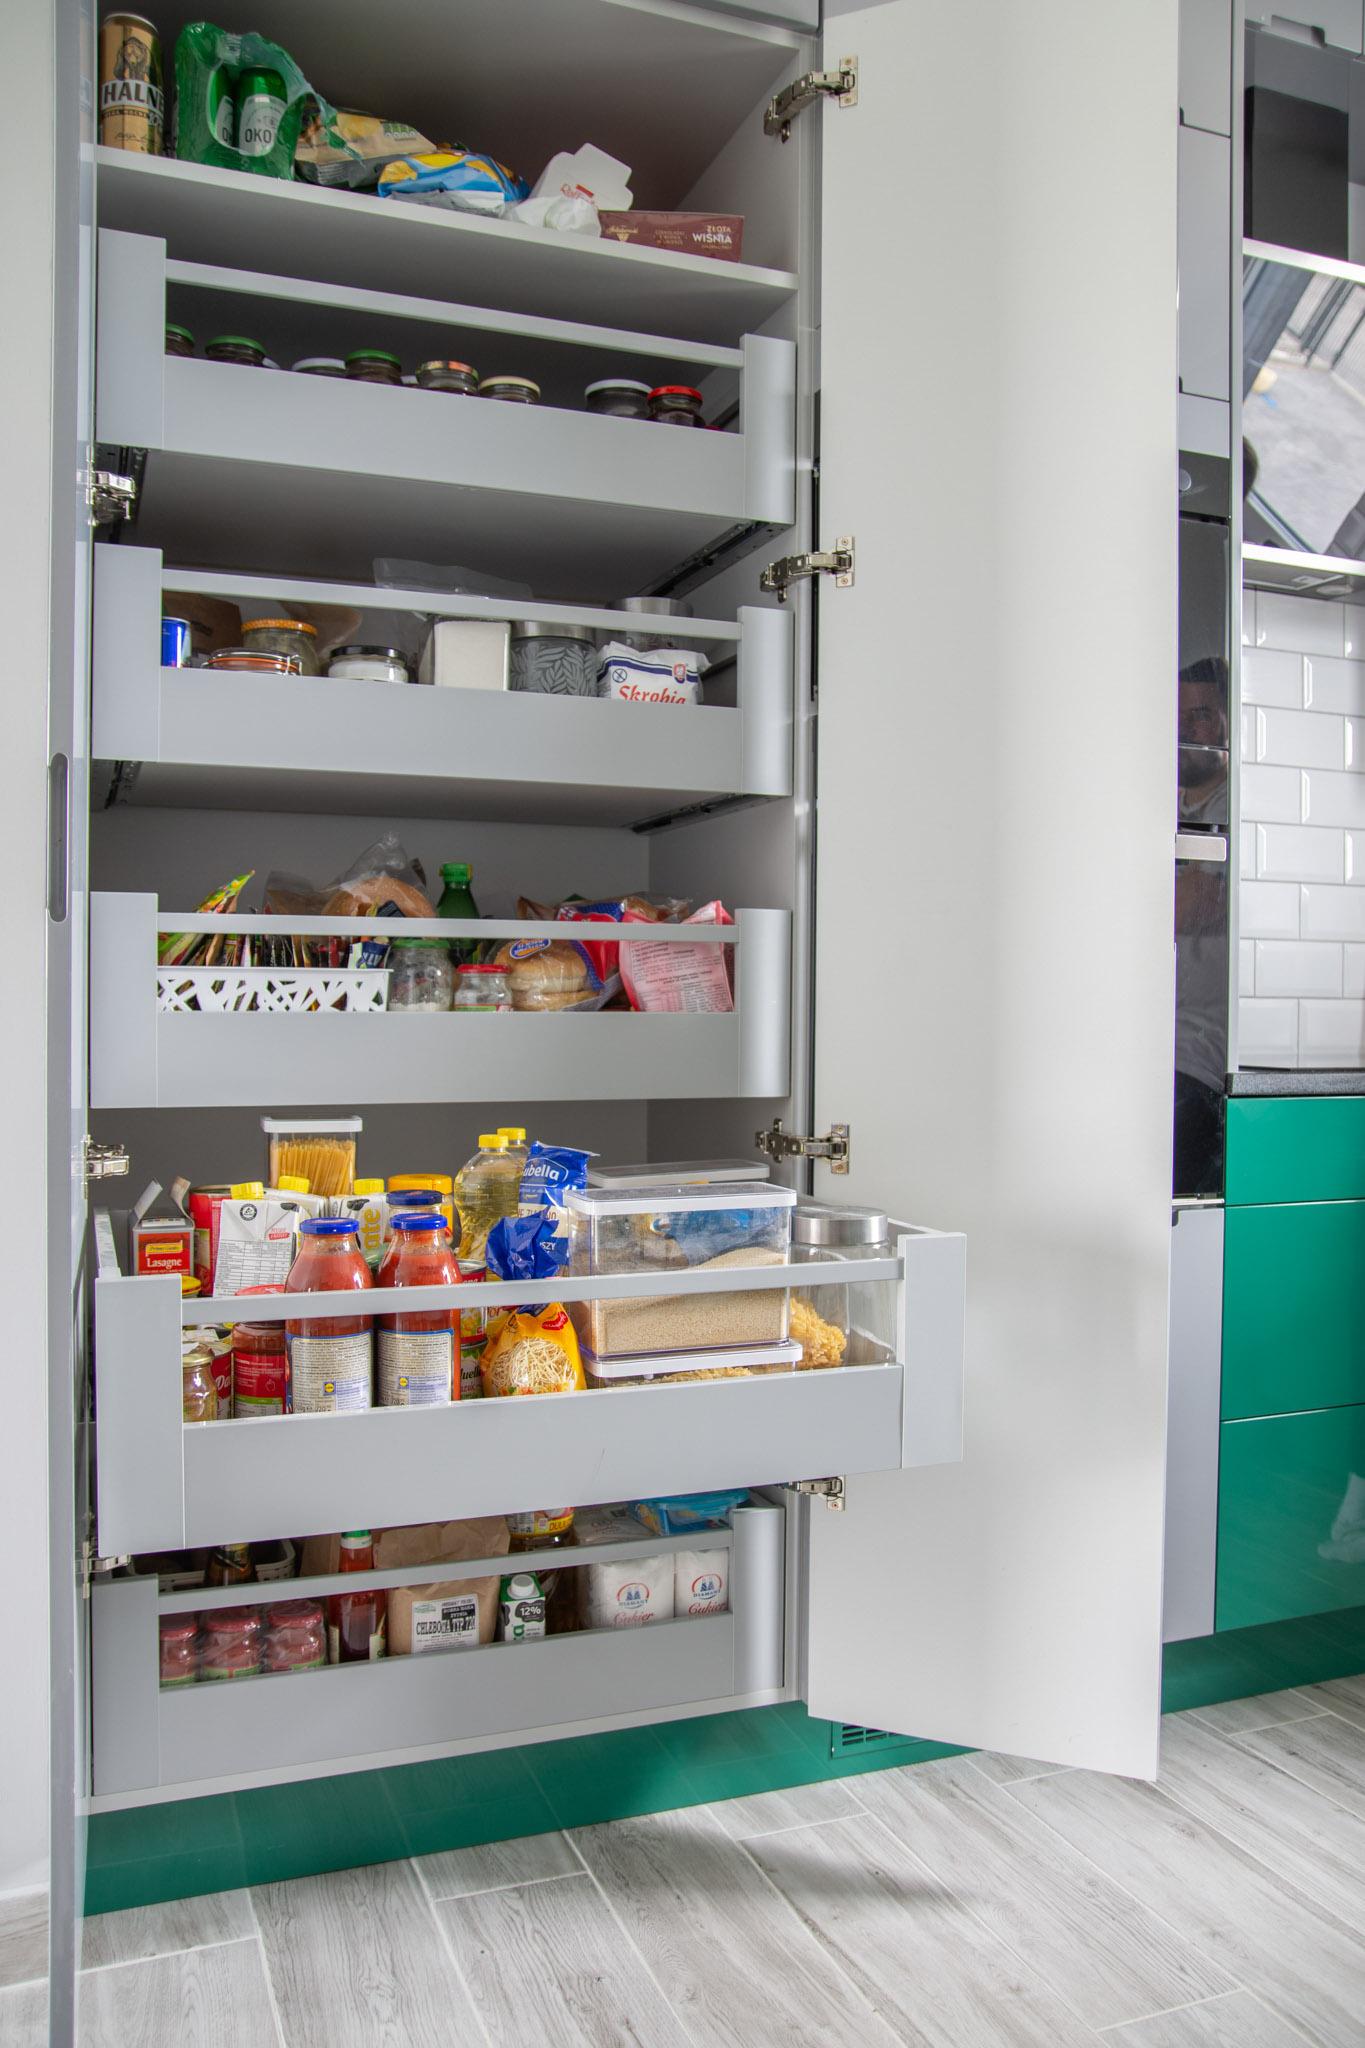 Meble kuchenne na wymiar || Kuchnie na wymiar || Zabudowy kuchenne || Poznań